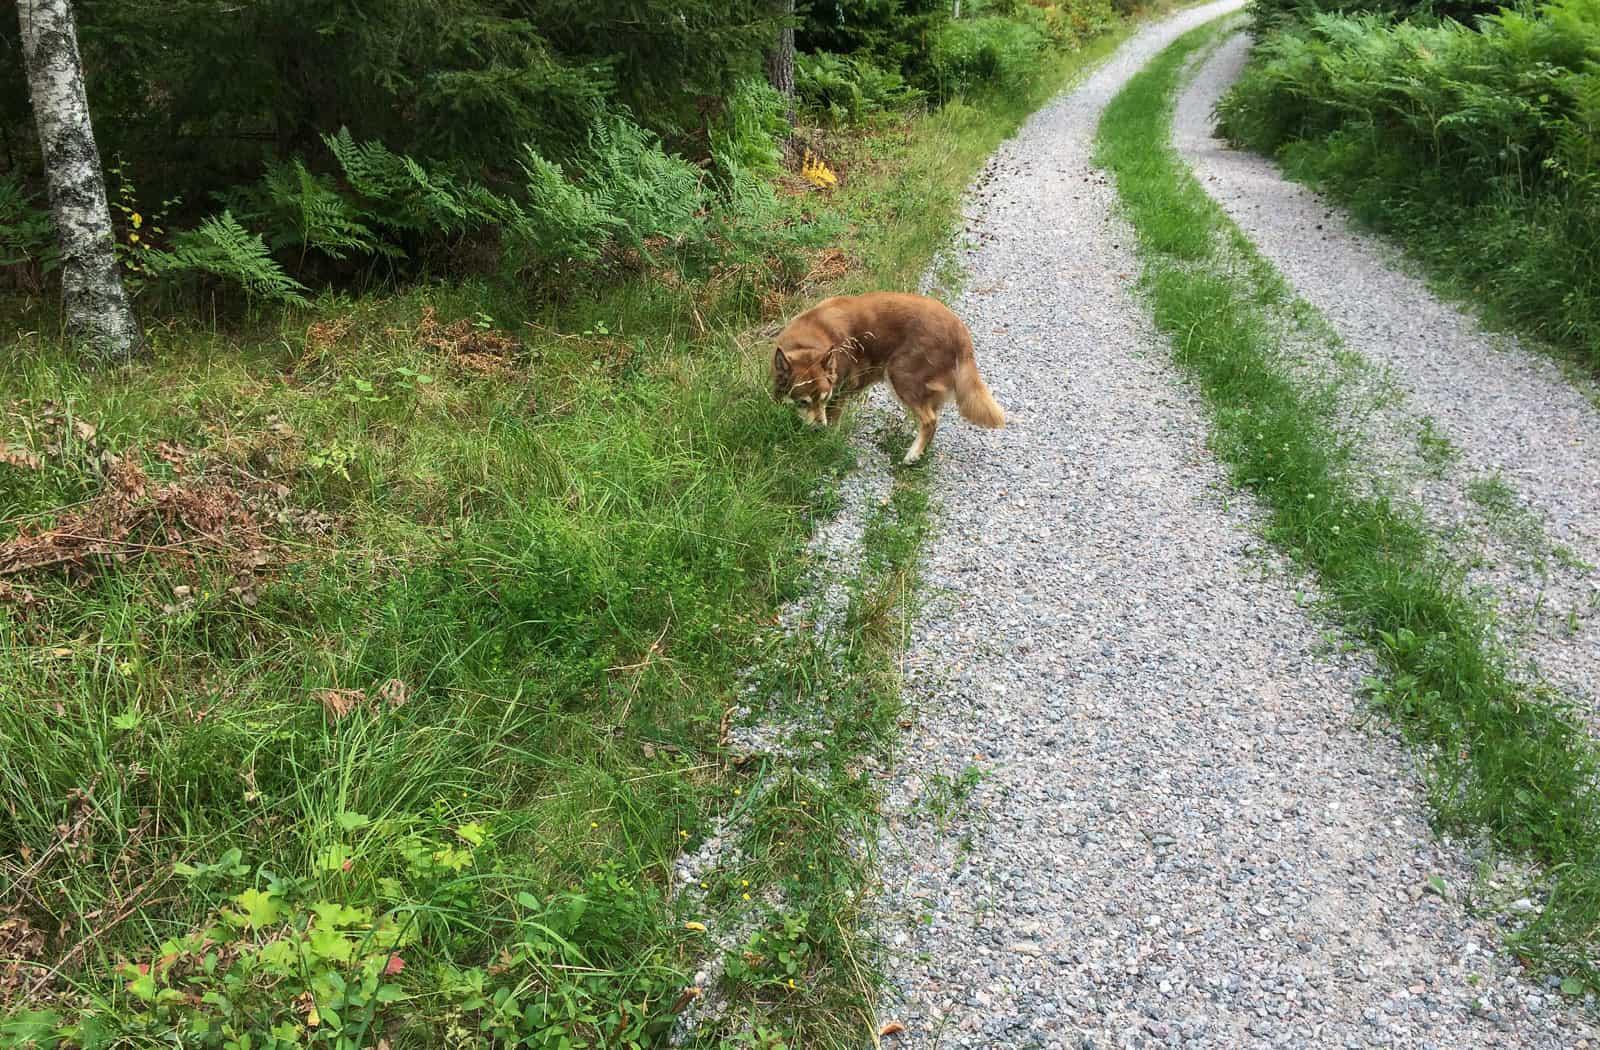 Morgon promenaden blev inte lång. Puman stannade och betade så jag fick gå själv. Hon brydde sig inte ens om att springa fram och skälla på grannarna – något som annars blivit en tradition.